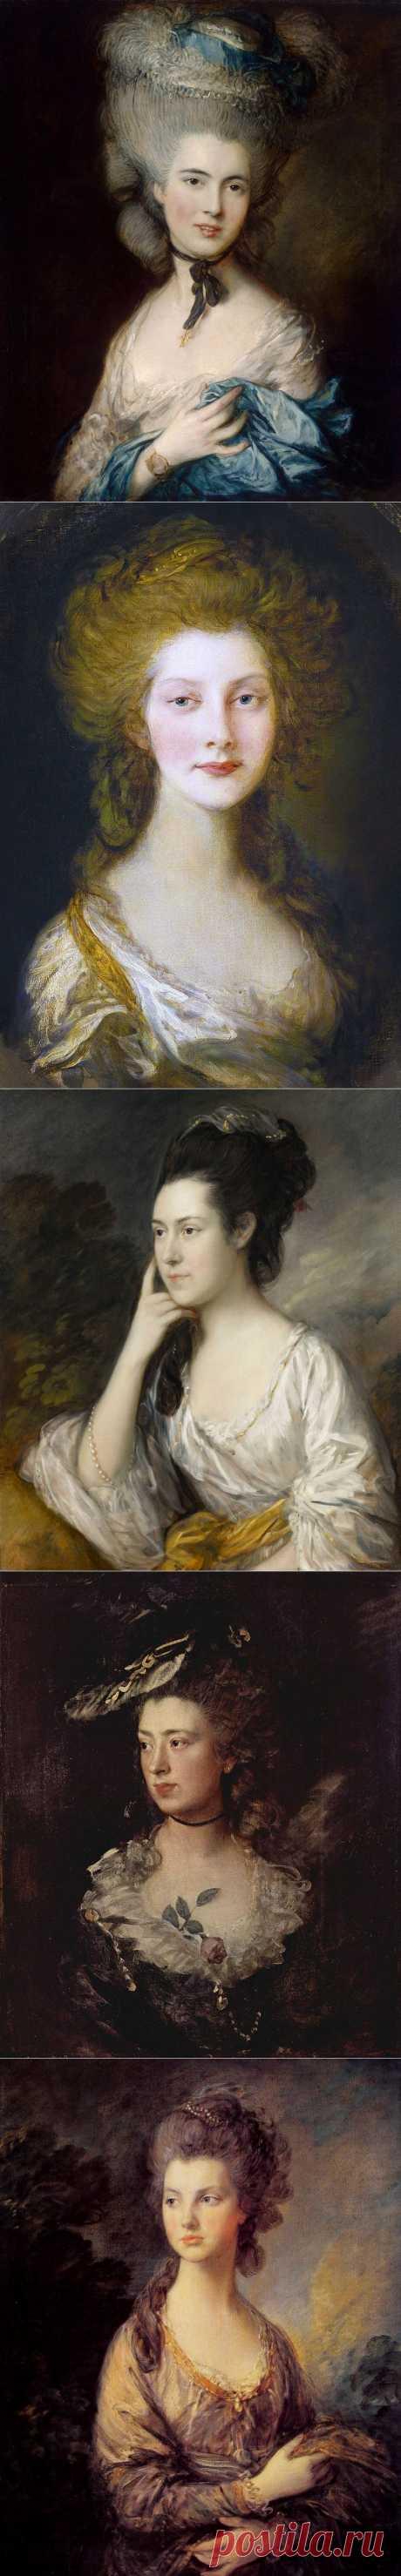 Английский живописец - Томас Гейнсборо (1727-1788)